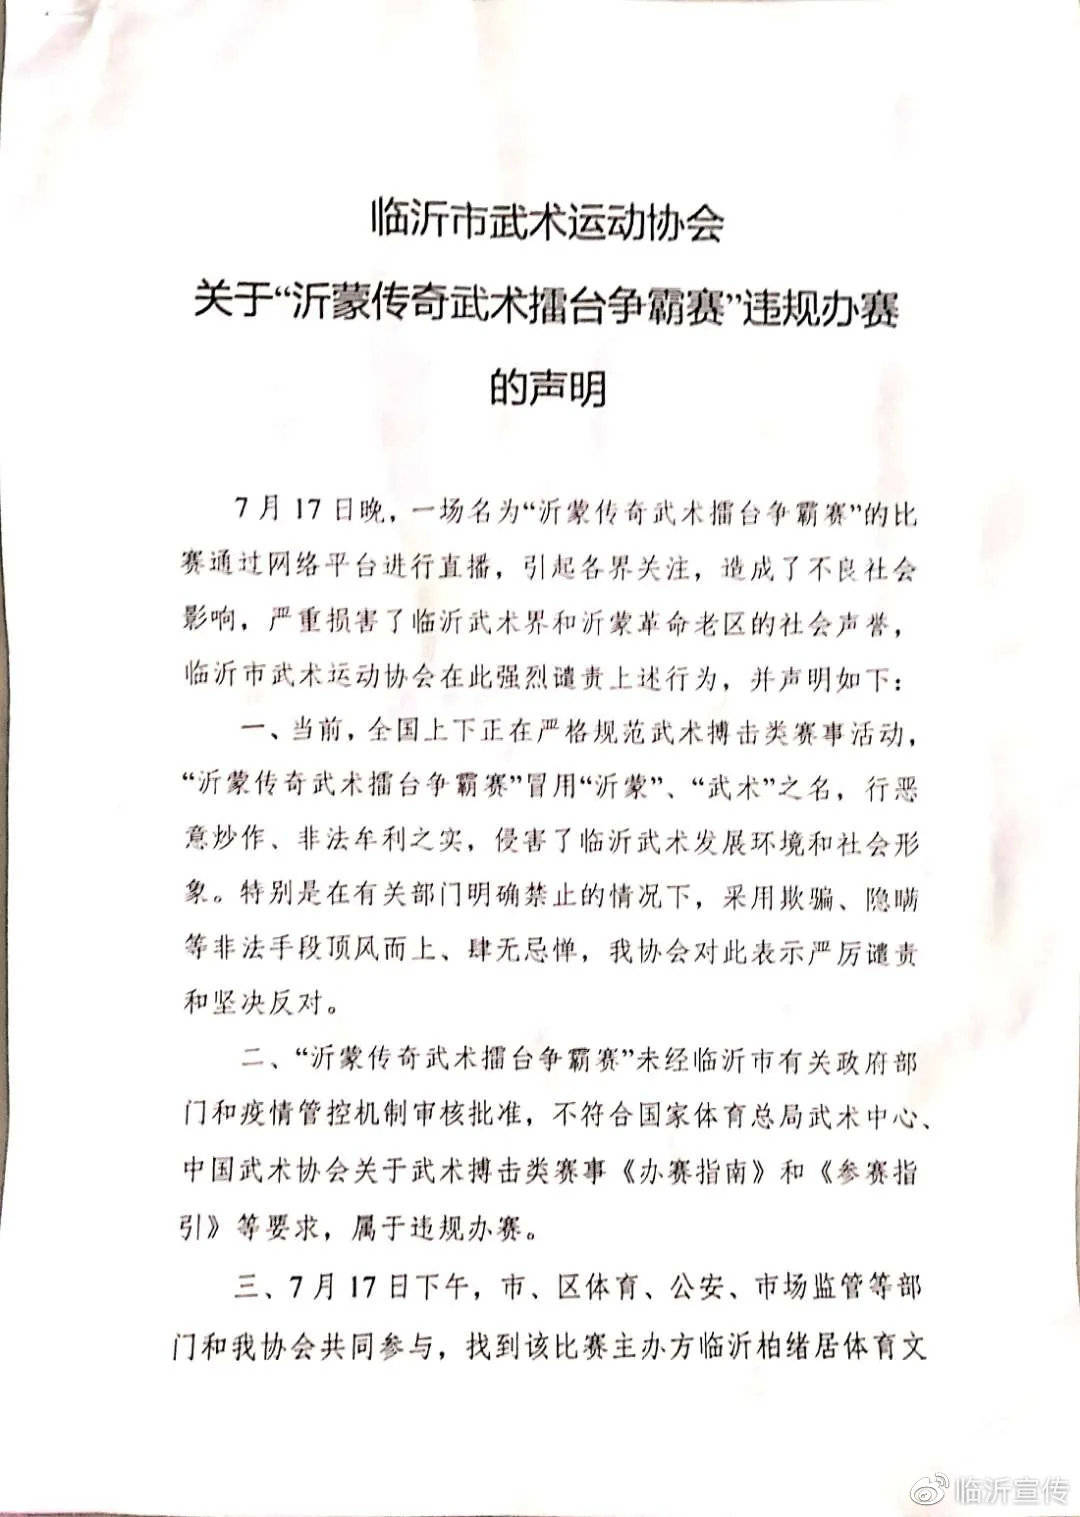 山东临沂:恶搞武术违规办赛警方介入调查